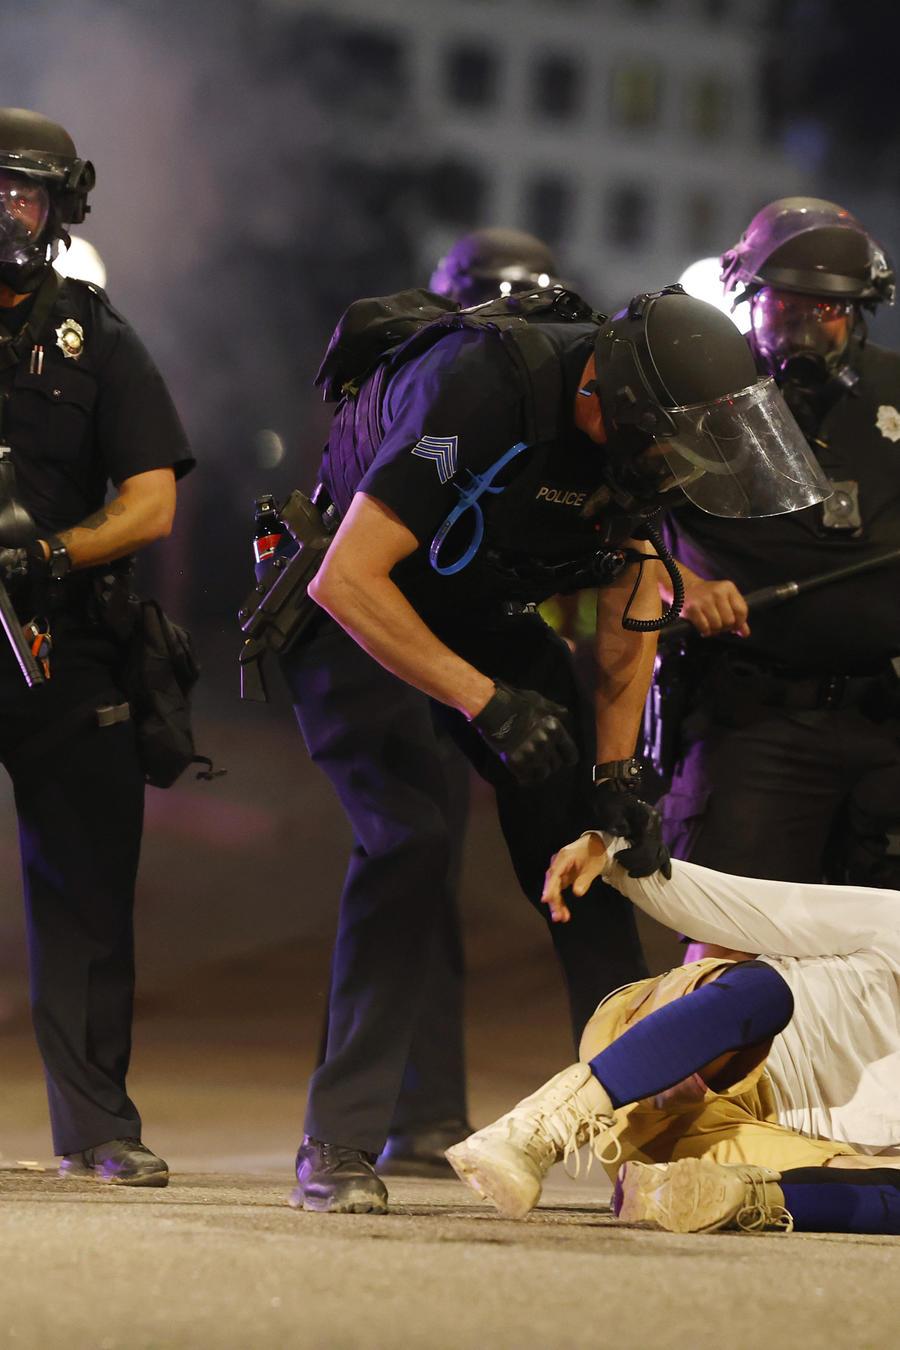 Oficiales del Departamento de Policía de Denver, Colorado,  desalojan a un hombre que cayó en la calle después de que estos usaran gases lacrimógenos y balas de goma para dispersar una protesta frente al Capitolio del estado.